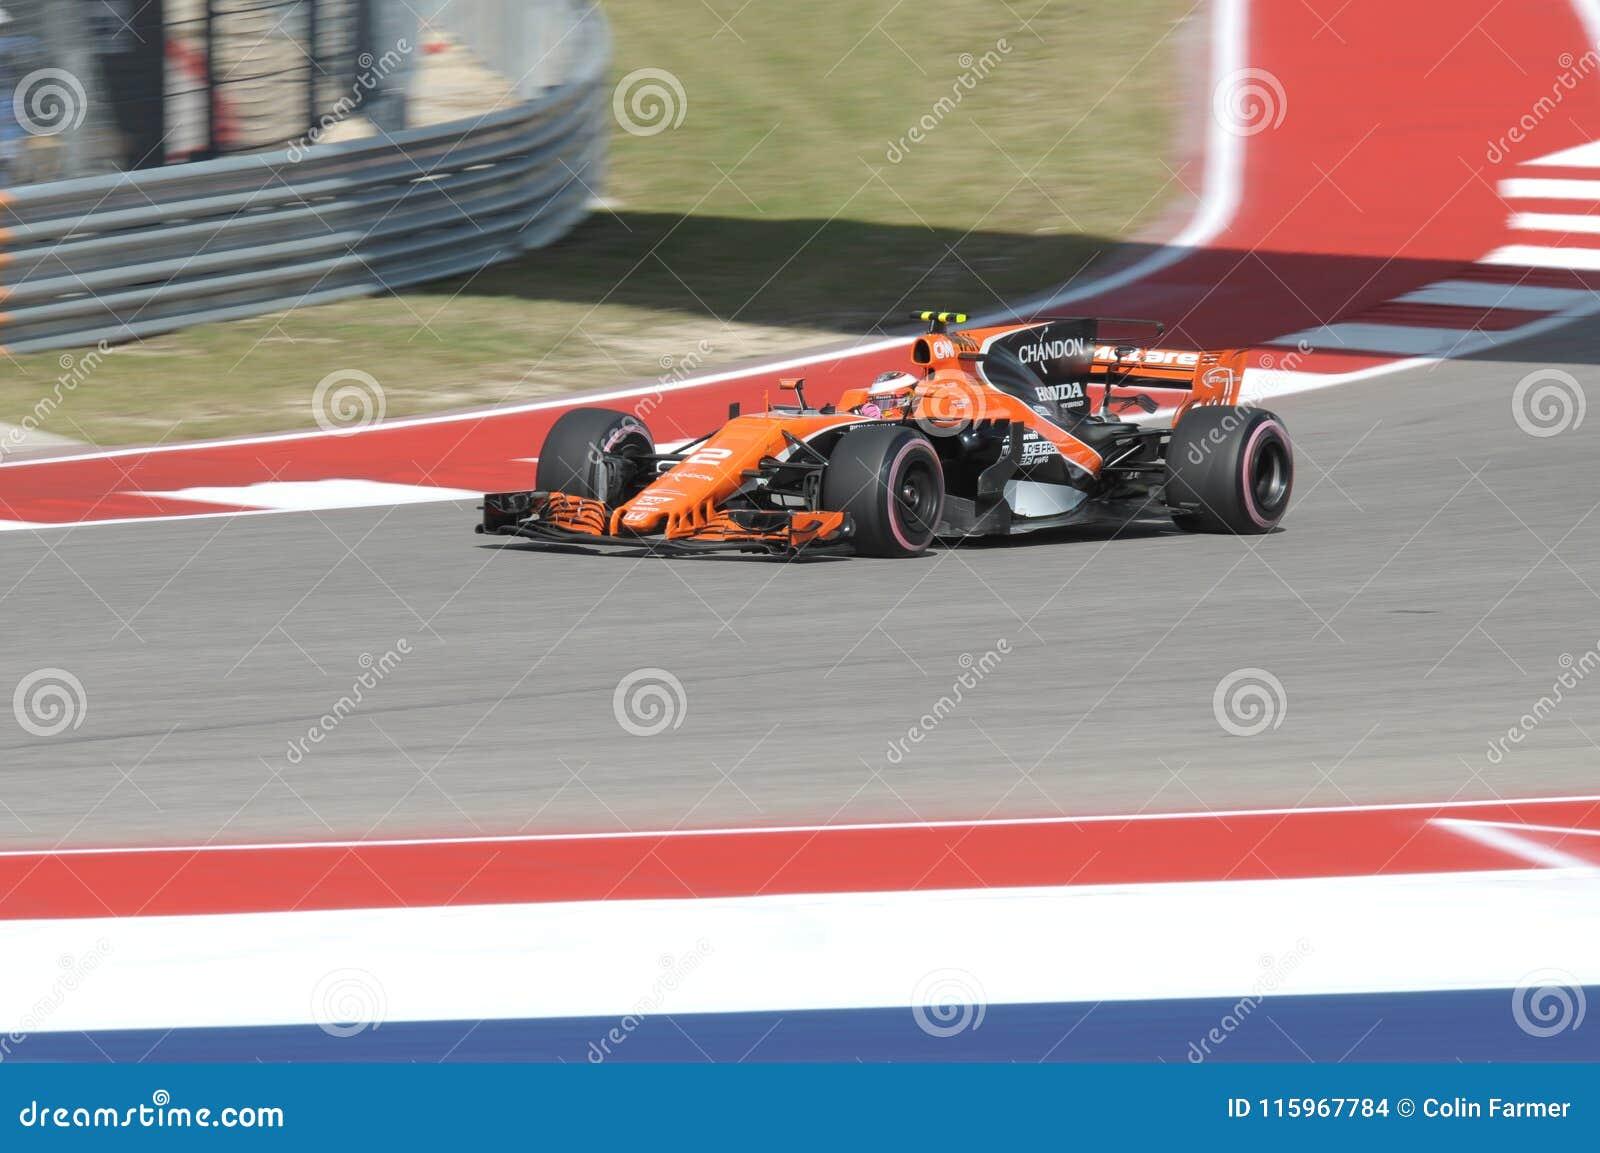 Circuito De Fernando Alonso : El circuito fernando alonso acogerá en una cita del europeo